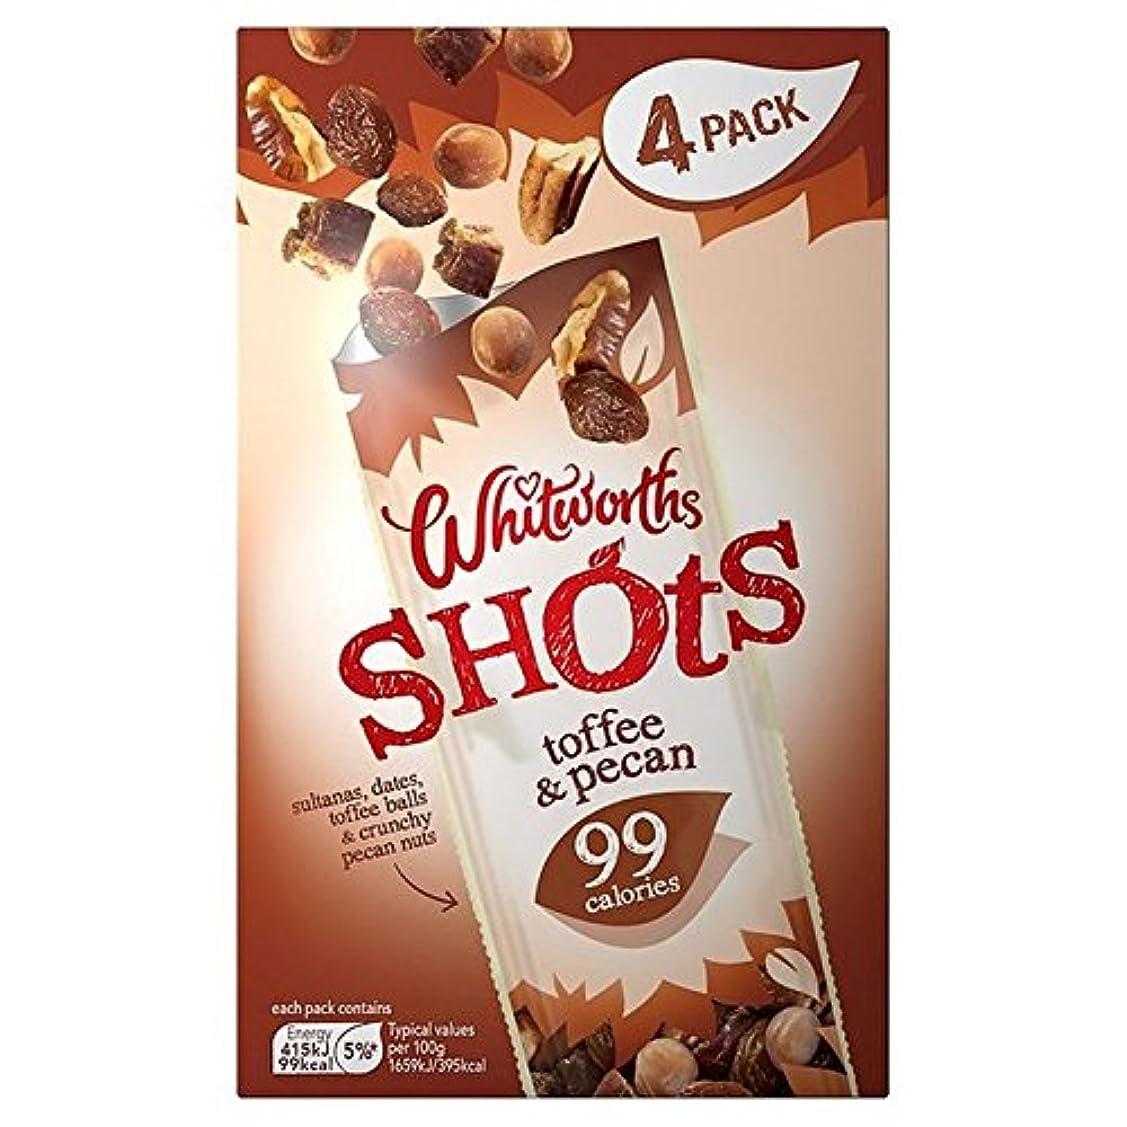 後継印をつけるさわやか(Whitworths) パックあたりのタフィーピーカンショットマルチパック4 (x6) - Whitworths Toffee Pecan Shot Multipack 4 per pack (Pack of 6) [...